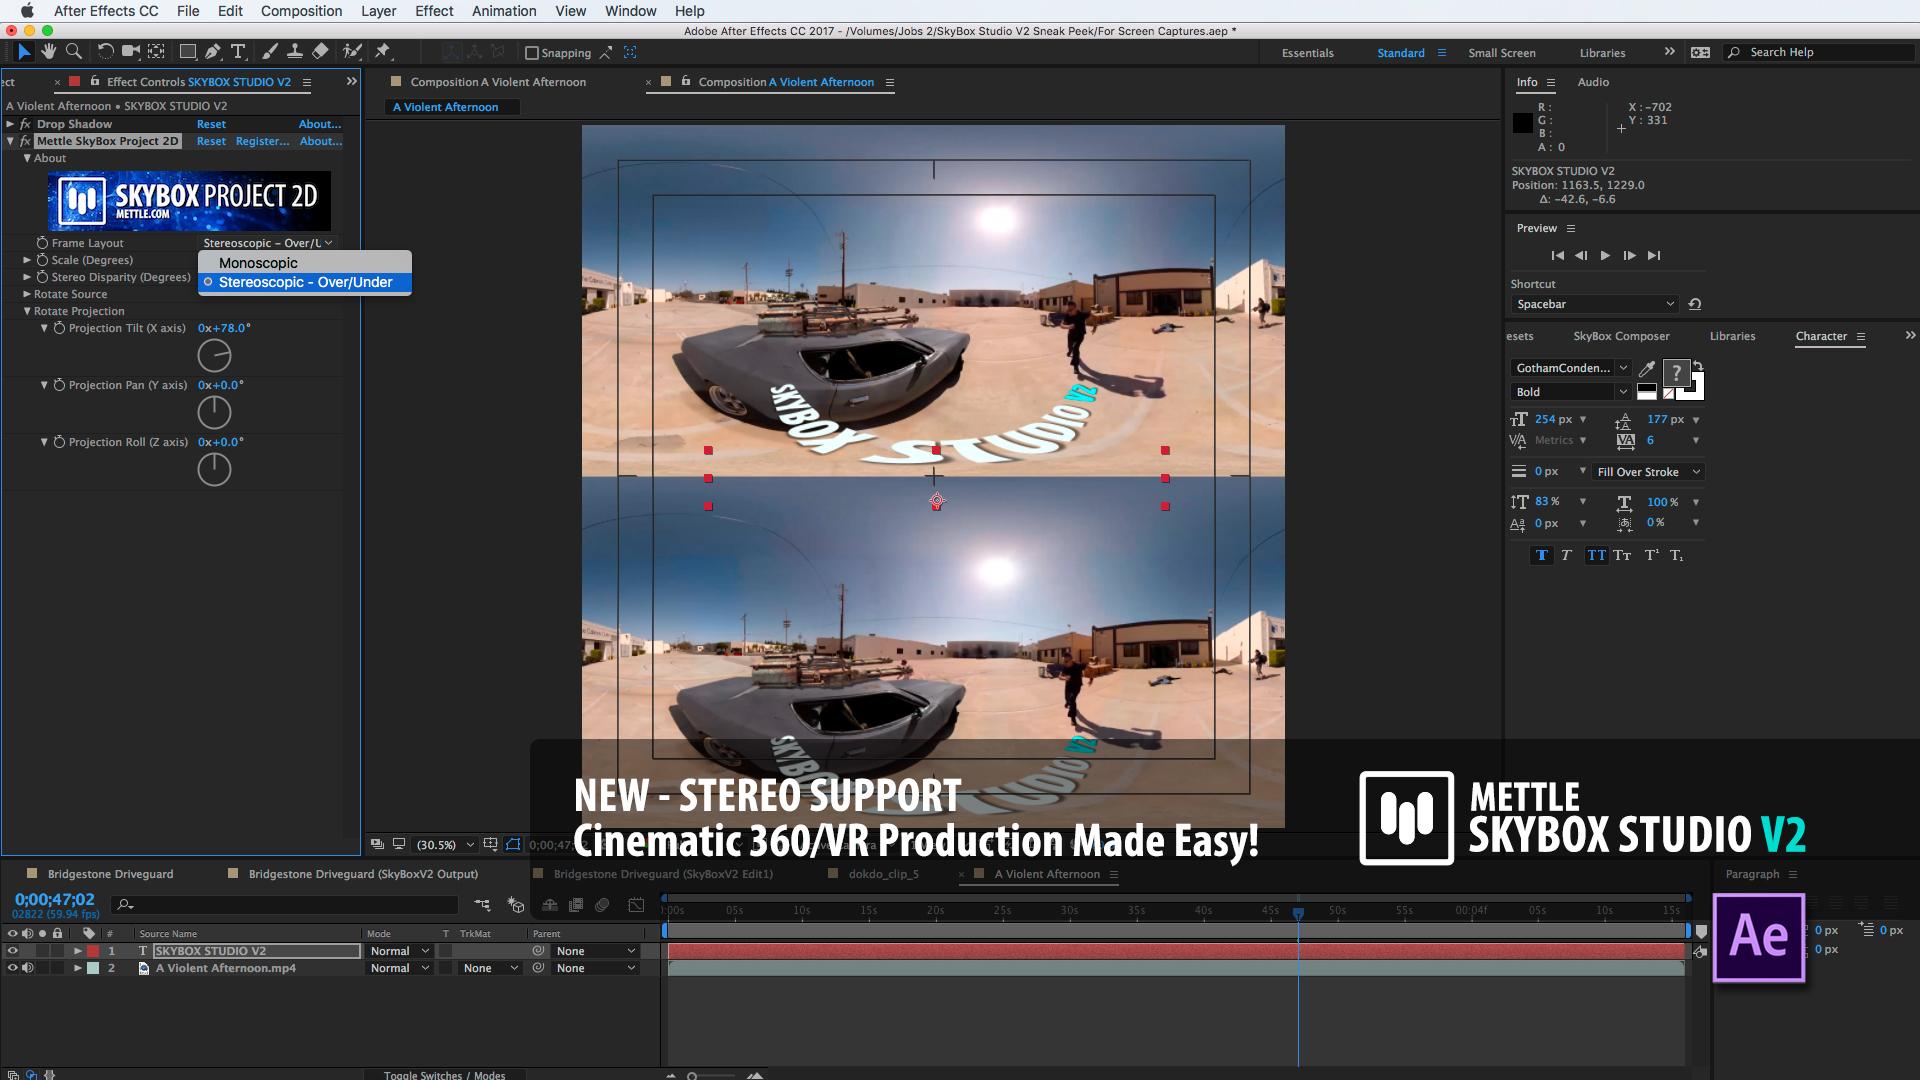 sneak-peek-5-skybox-studio-v2-stereo-support